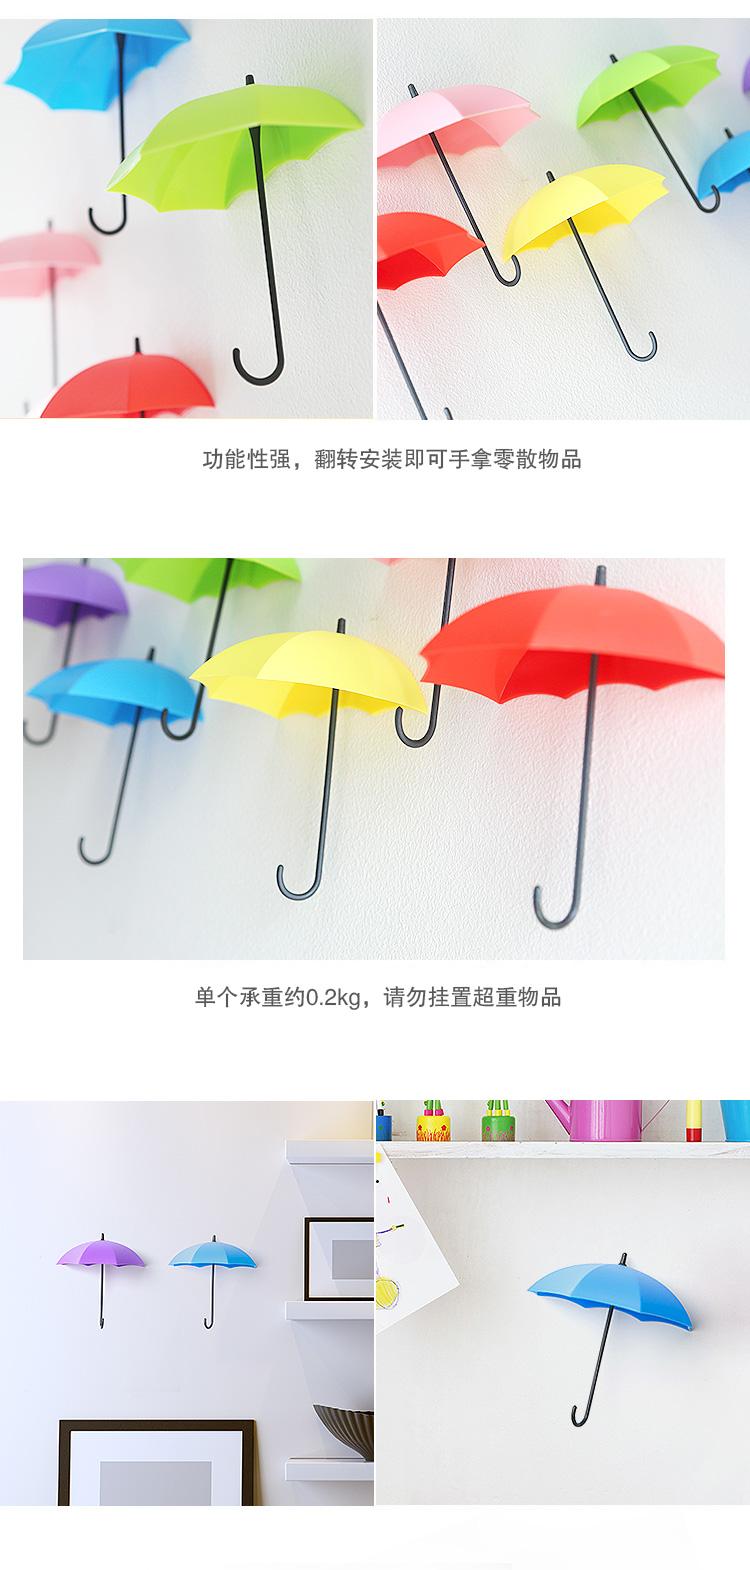 立体壁贴创意小伞墙面装饰可爱置物挂钩卧室装饰品钥匙收纳黏鈎详细照片